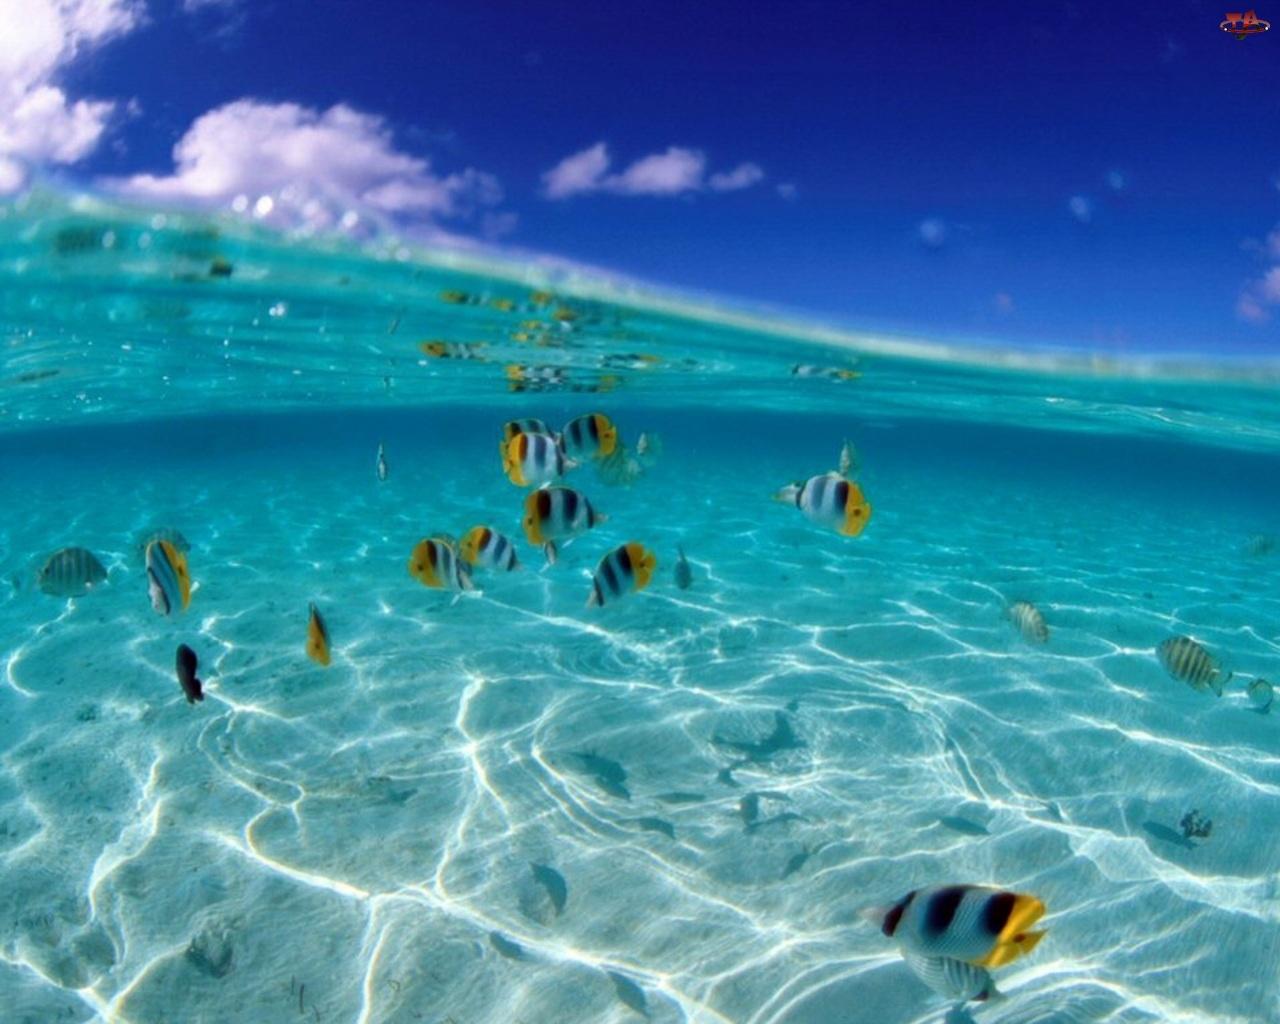 Ryby, Morze, Fala